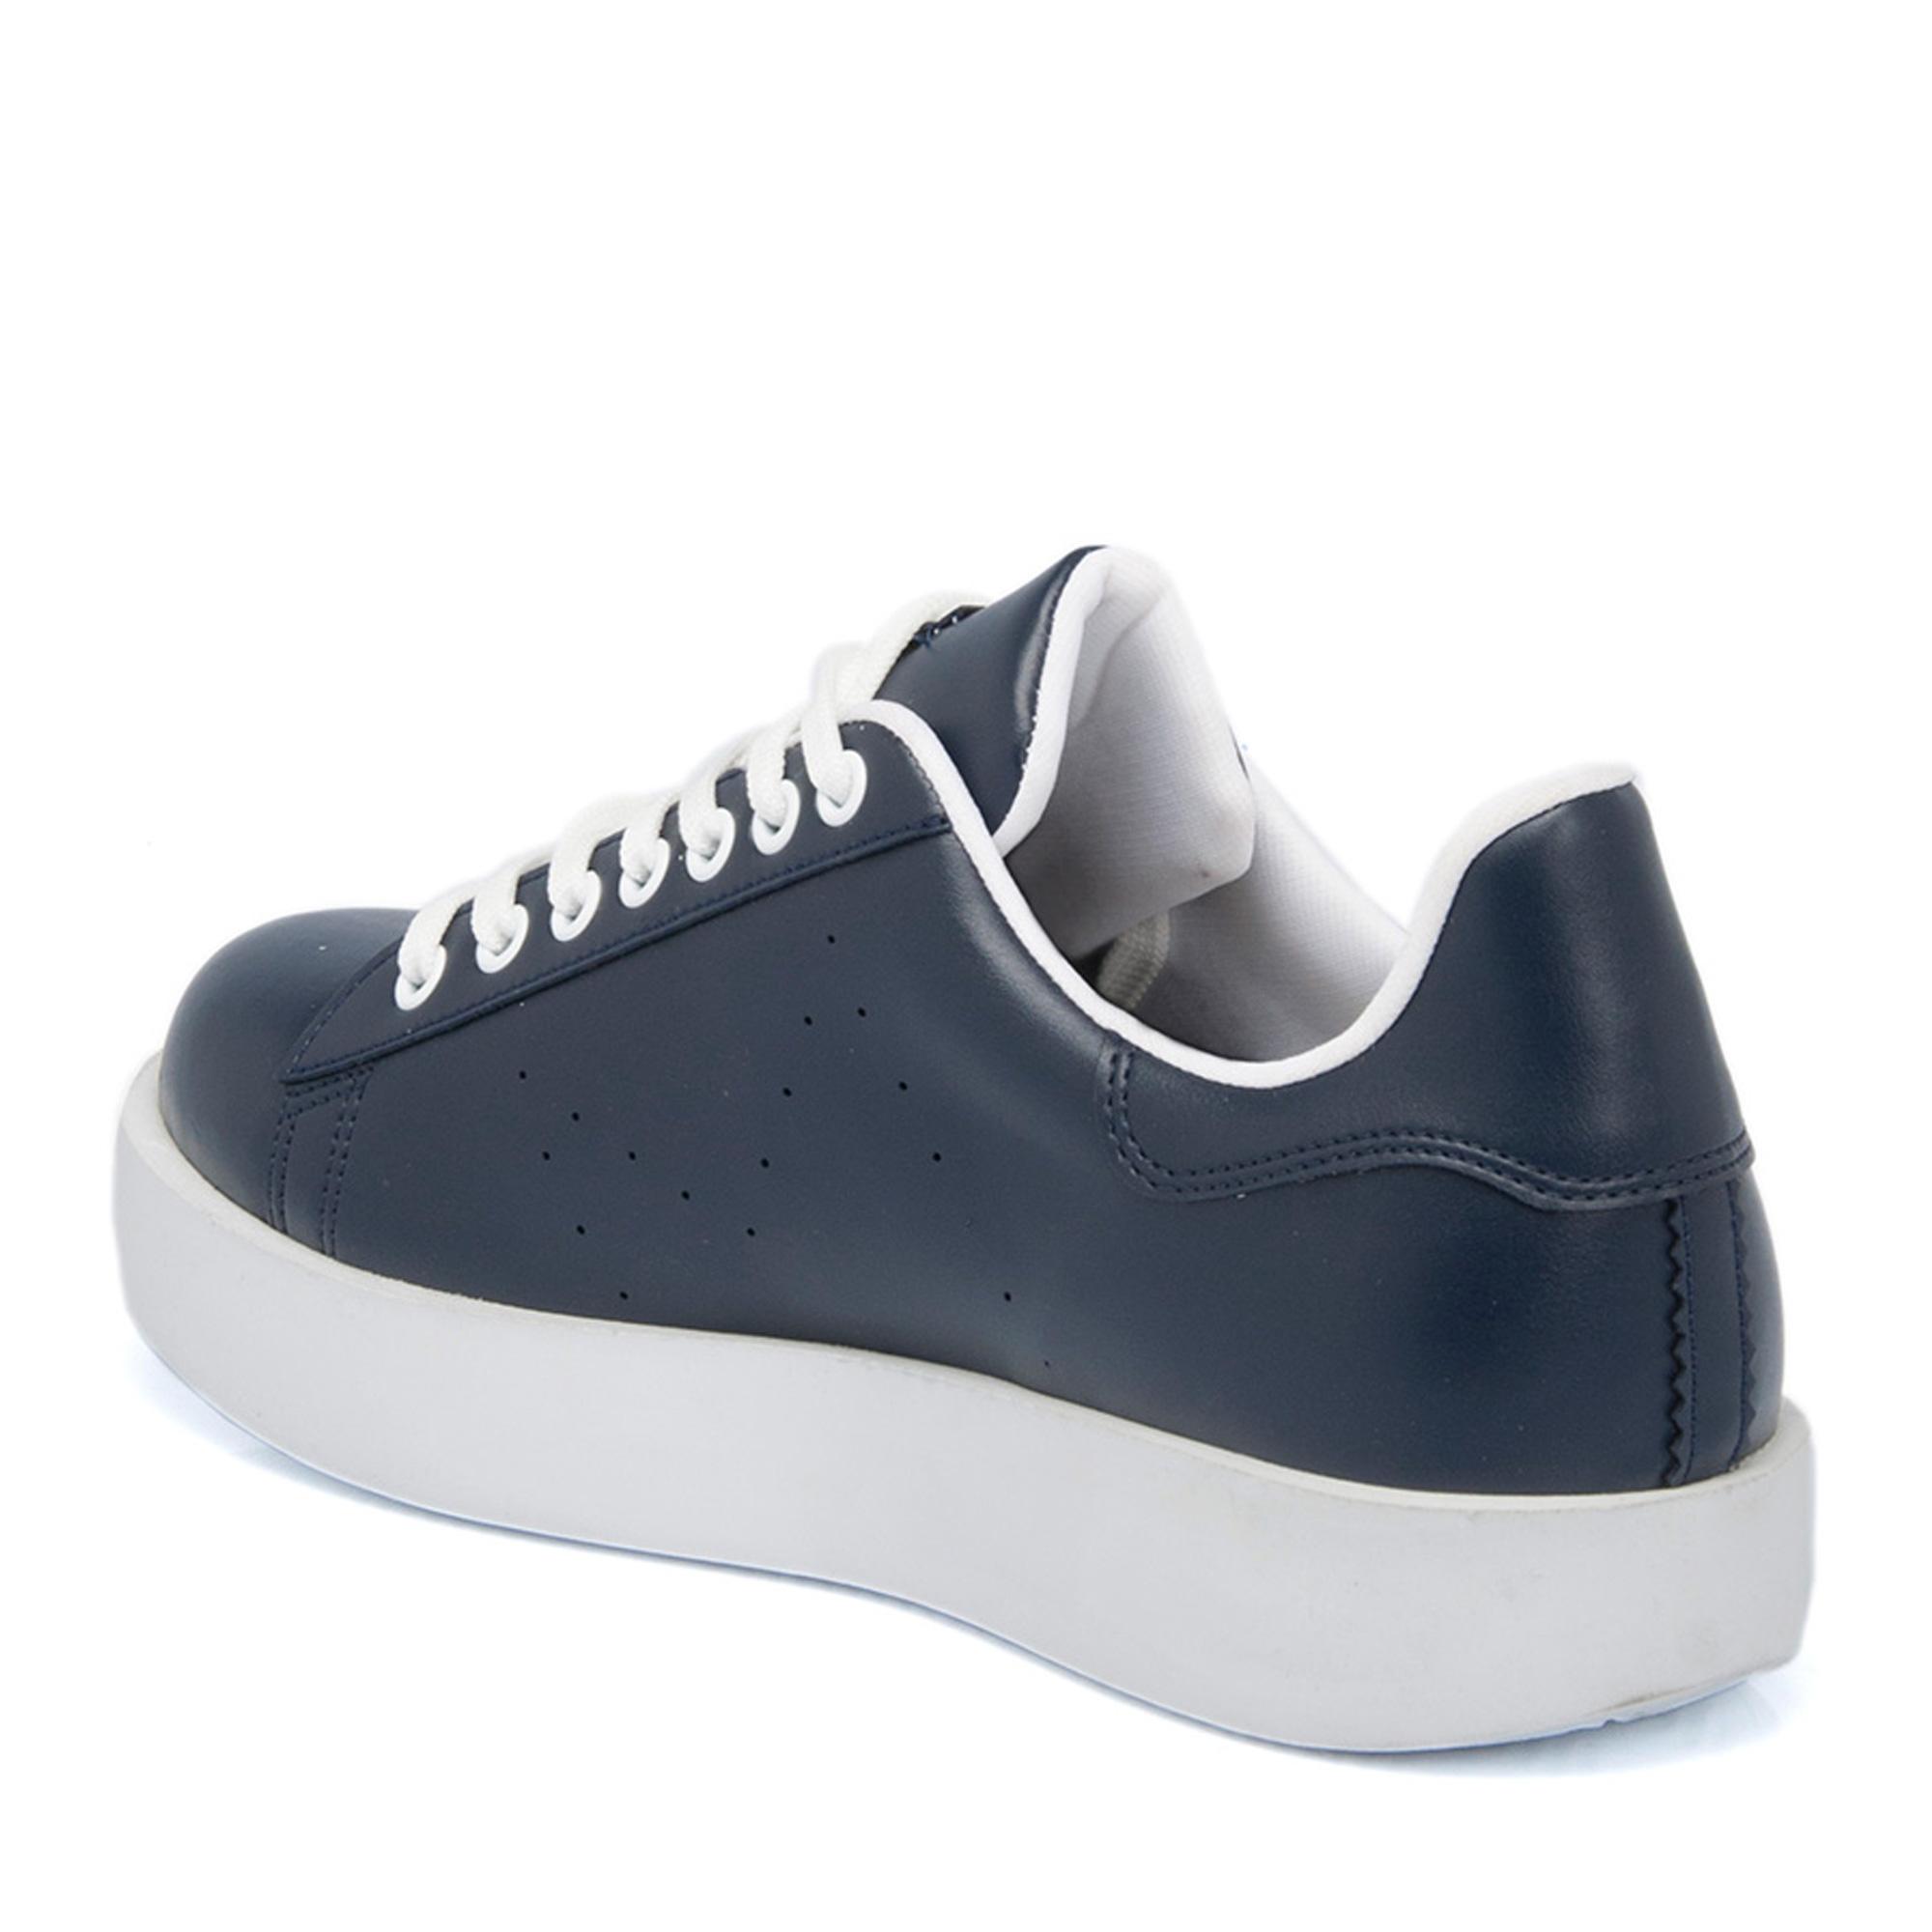 Lacivert Tekstil Kadın Ayakkabı 64464B20